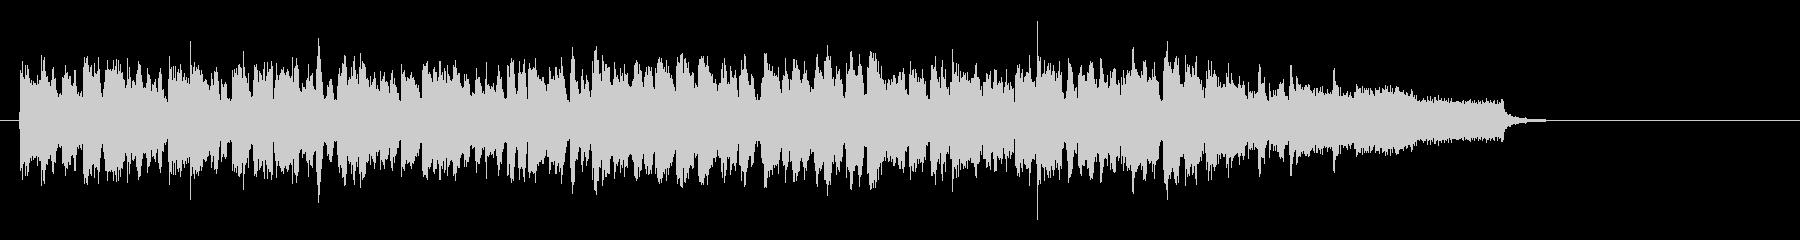 メロディアス定石 アダルト・ポップス風の未再生の波形